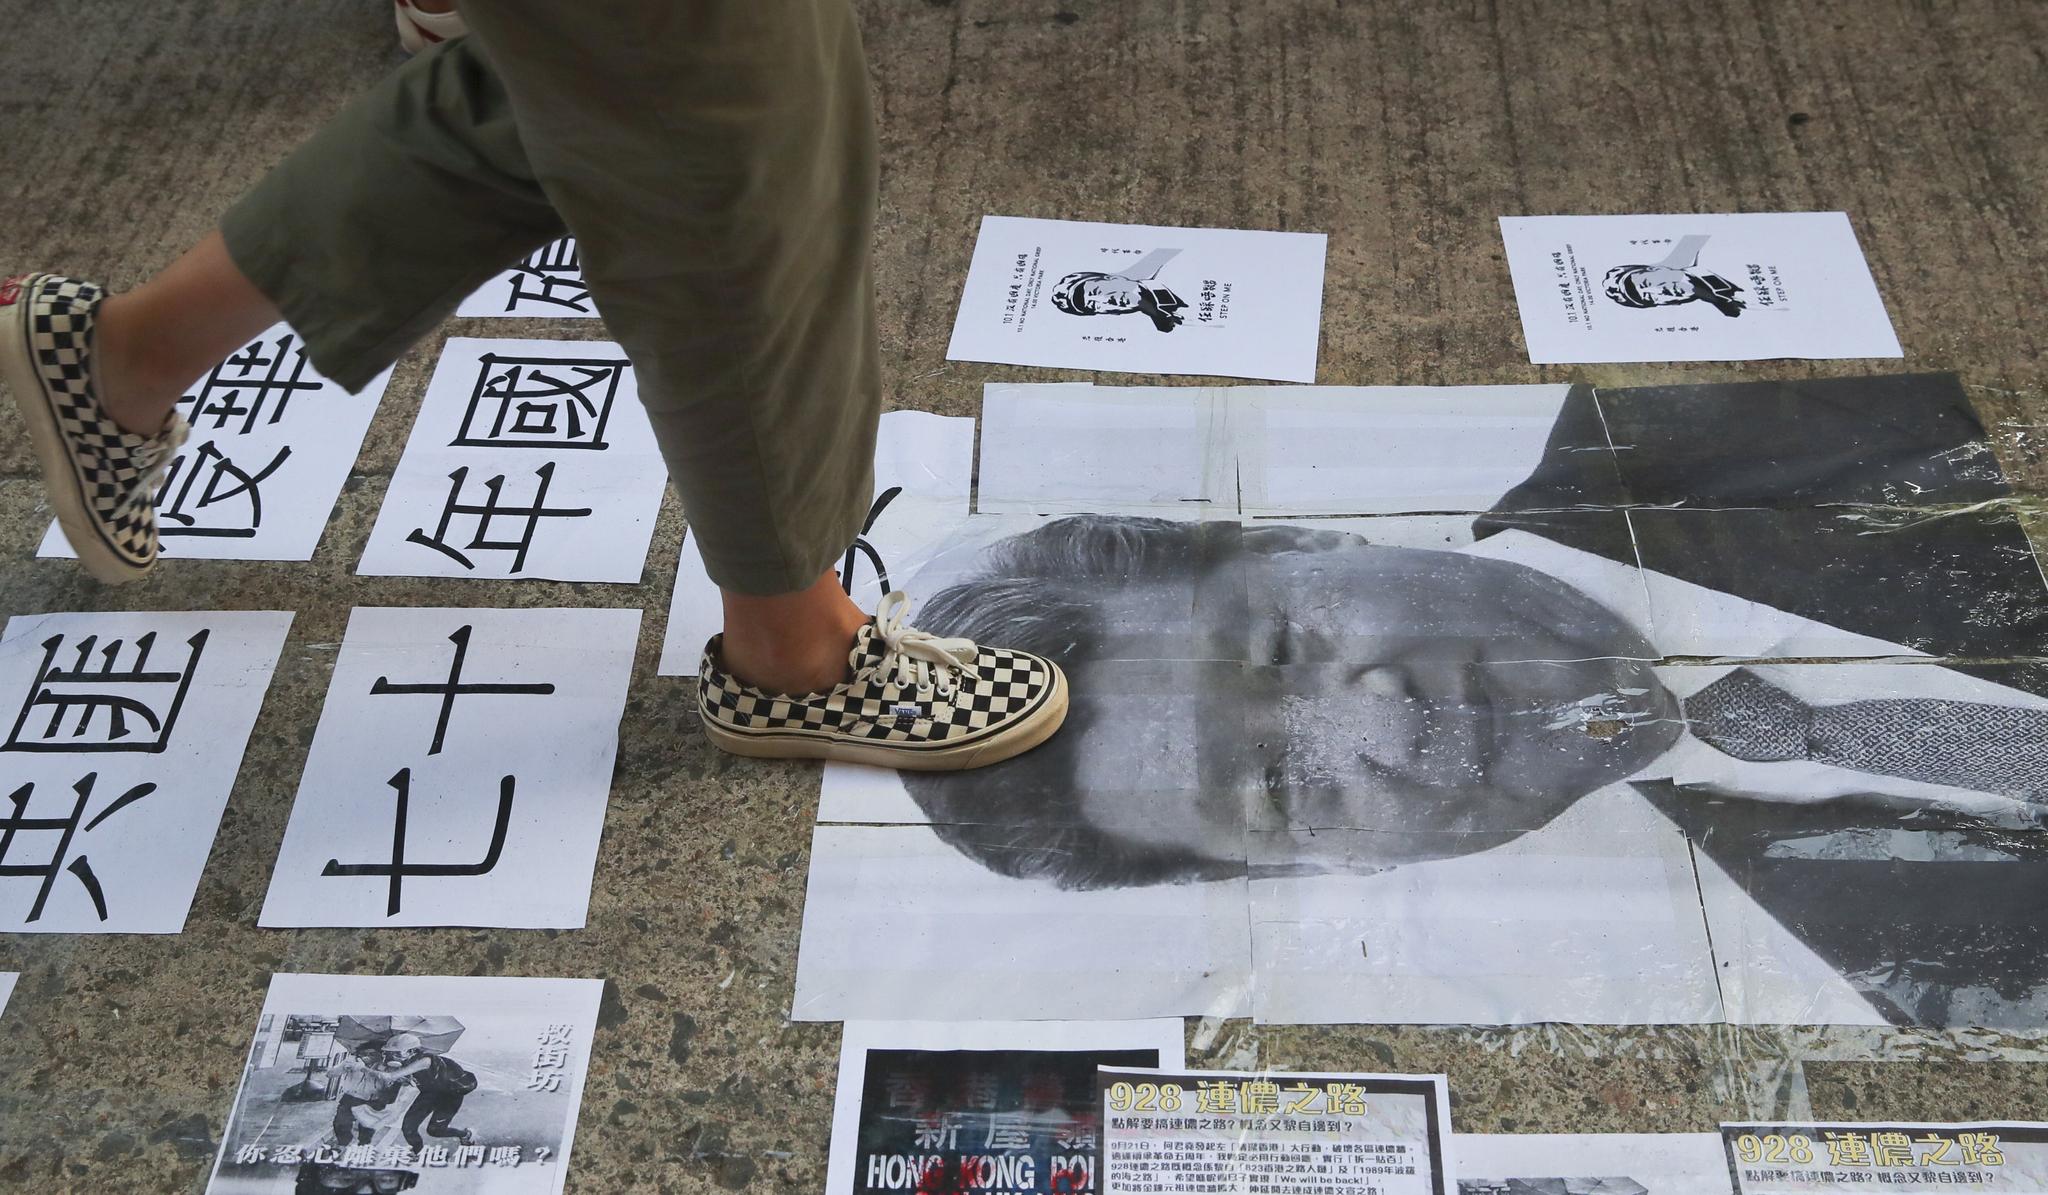 홍콩 '우산혁명' 5주년 기념집회가 열린 28일(현지시간) 시민들이 홍콩 시내 바닥에 붙은 시진핑 중국국가 주석의 포스터 사진을 밝고 지나가고 있다. [EPA=연합뉴스]